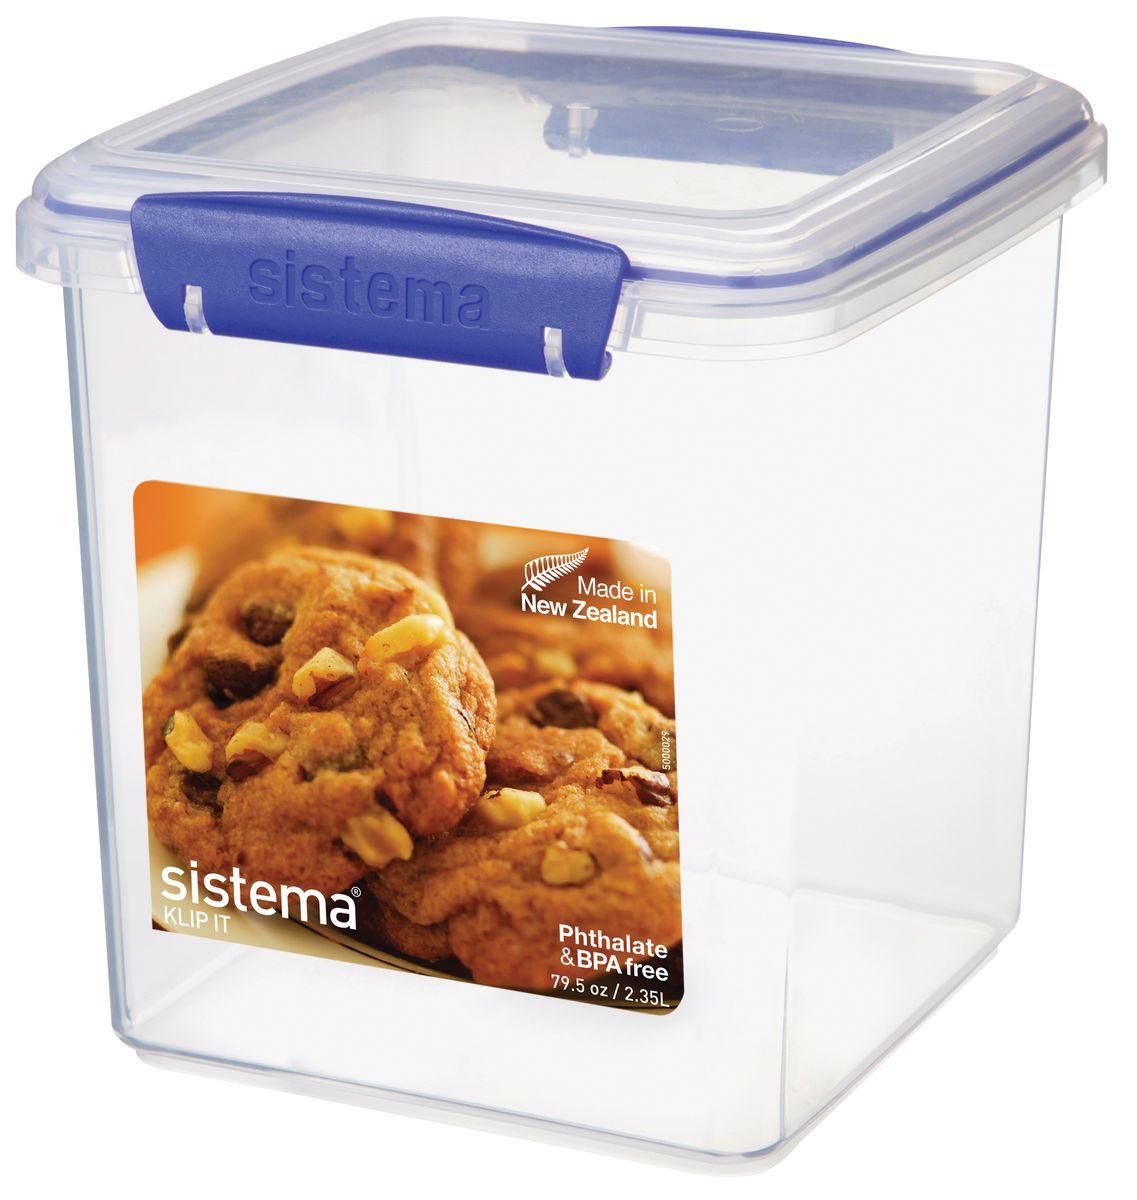 Контейнер для печенья Sistema, 2,35 л1334Контейнер Klip It предназначен для хранения печенья. Контейнеры вкладываются один в другой для экономии места при хранении. Крышка с силиконовой прокладкой герметично закрывается что помогает дольше сохранить полезные свойства продуктов. Контейнер надежно закрывается клипсами, которые при необходимости можно заменить. Можно мыть в посудомоечной машине.